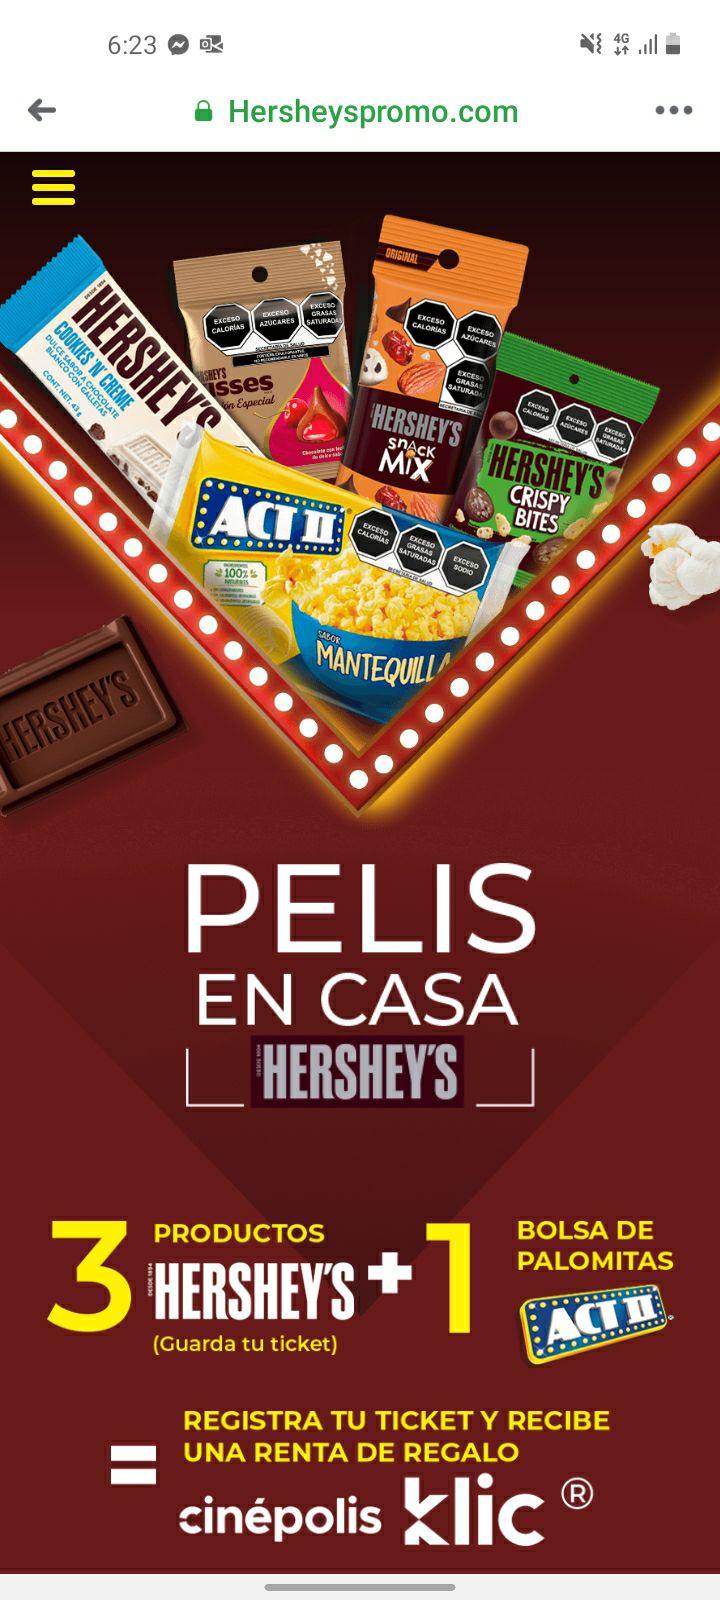 Cinepolis Klic: Compra 3 artículos Hershey's y unas Act II y llévate gratis una renta en Cinepolis Klic